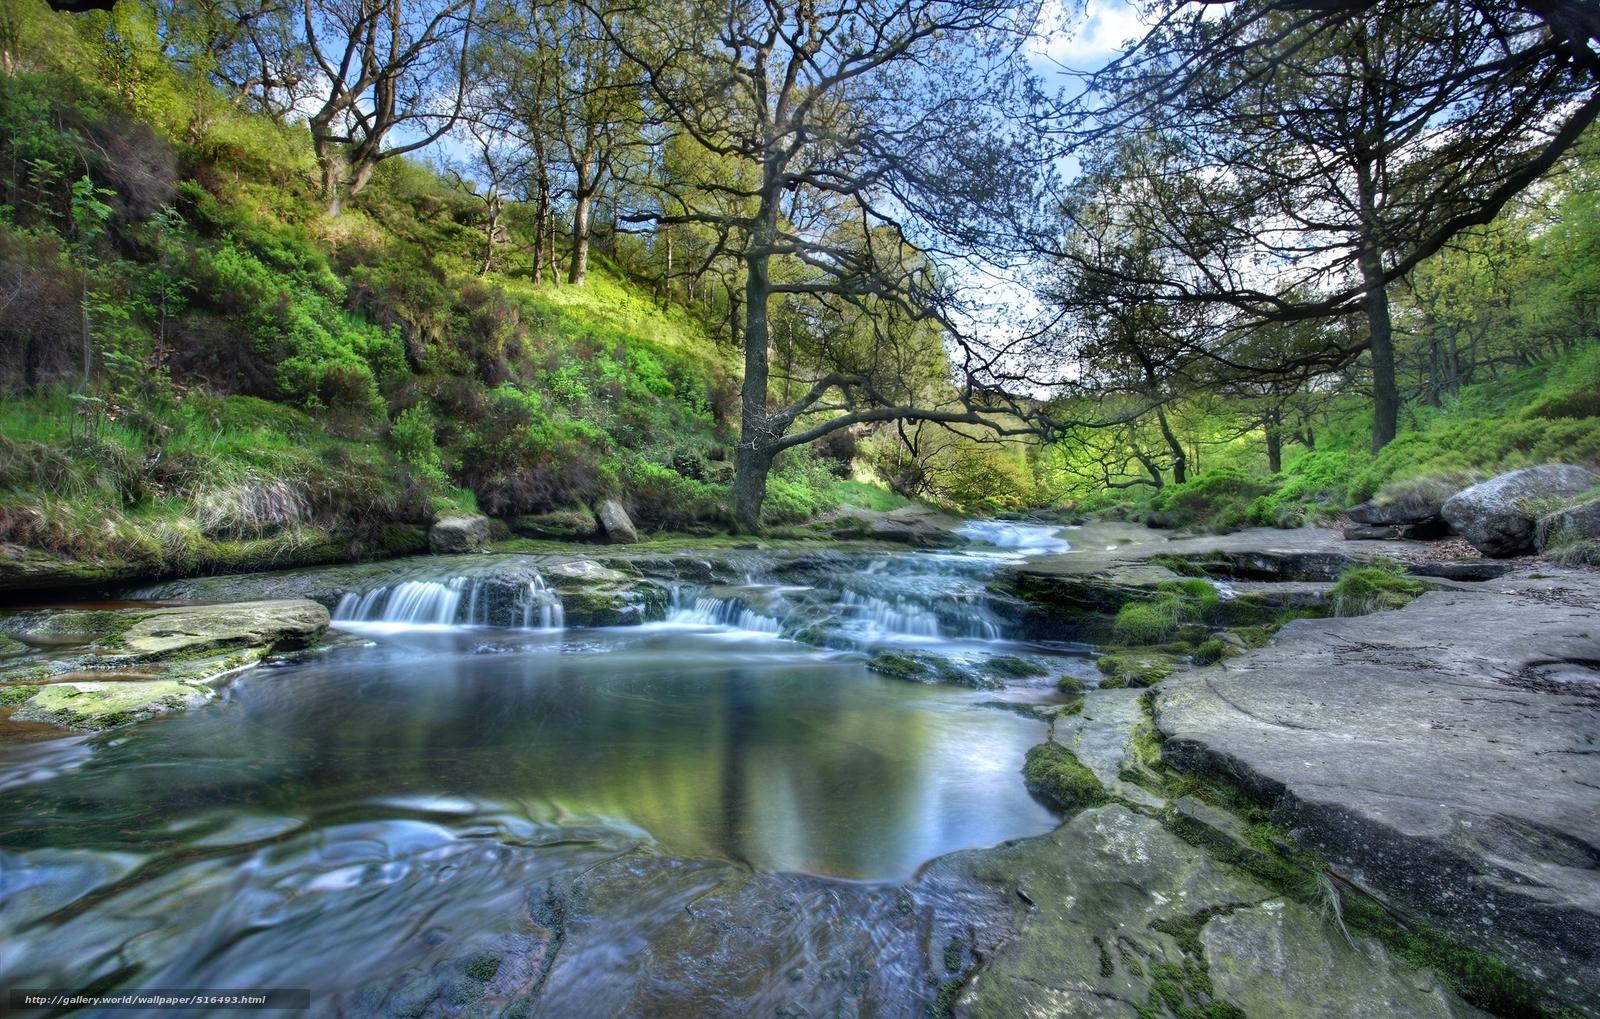 Download Hintergrund Peak District National Park,  England,  Nationalpark Peak District,  England Freie desktop Tapeten in der Auflosung 2048x1304 — bild №516493